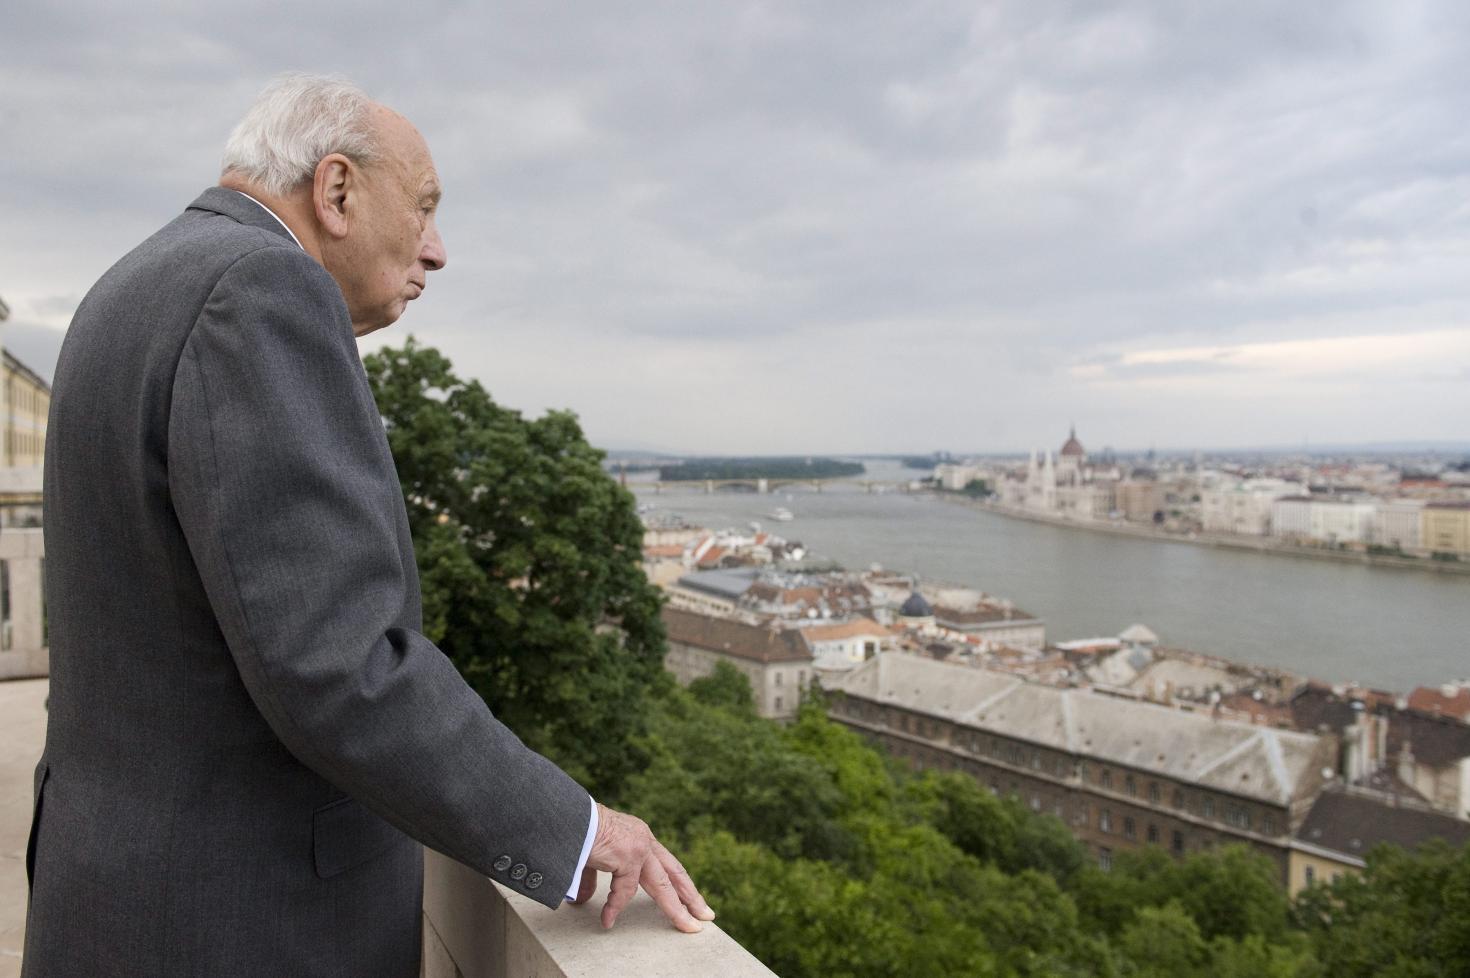 zsidó társkereső szolgáltatások Philadelphia randevú 4 hónap mire számíthat